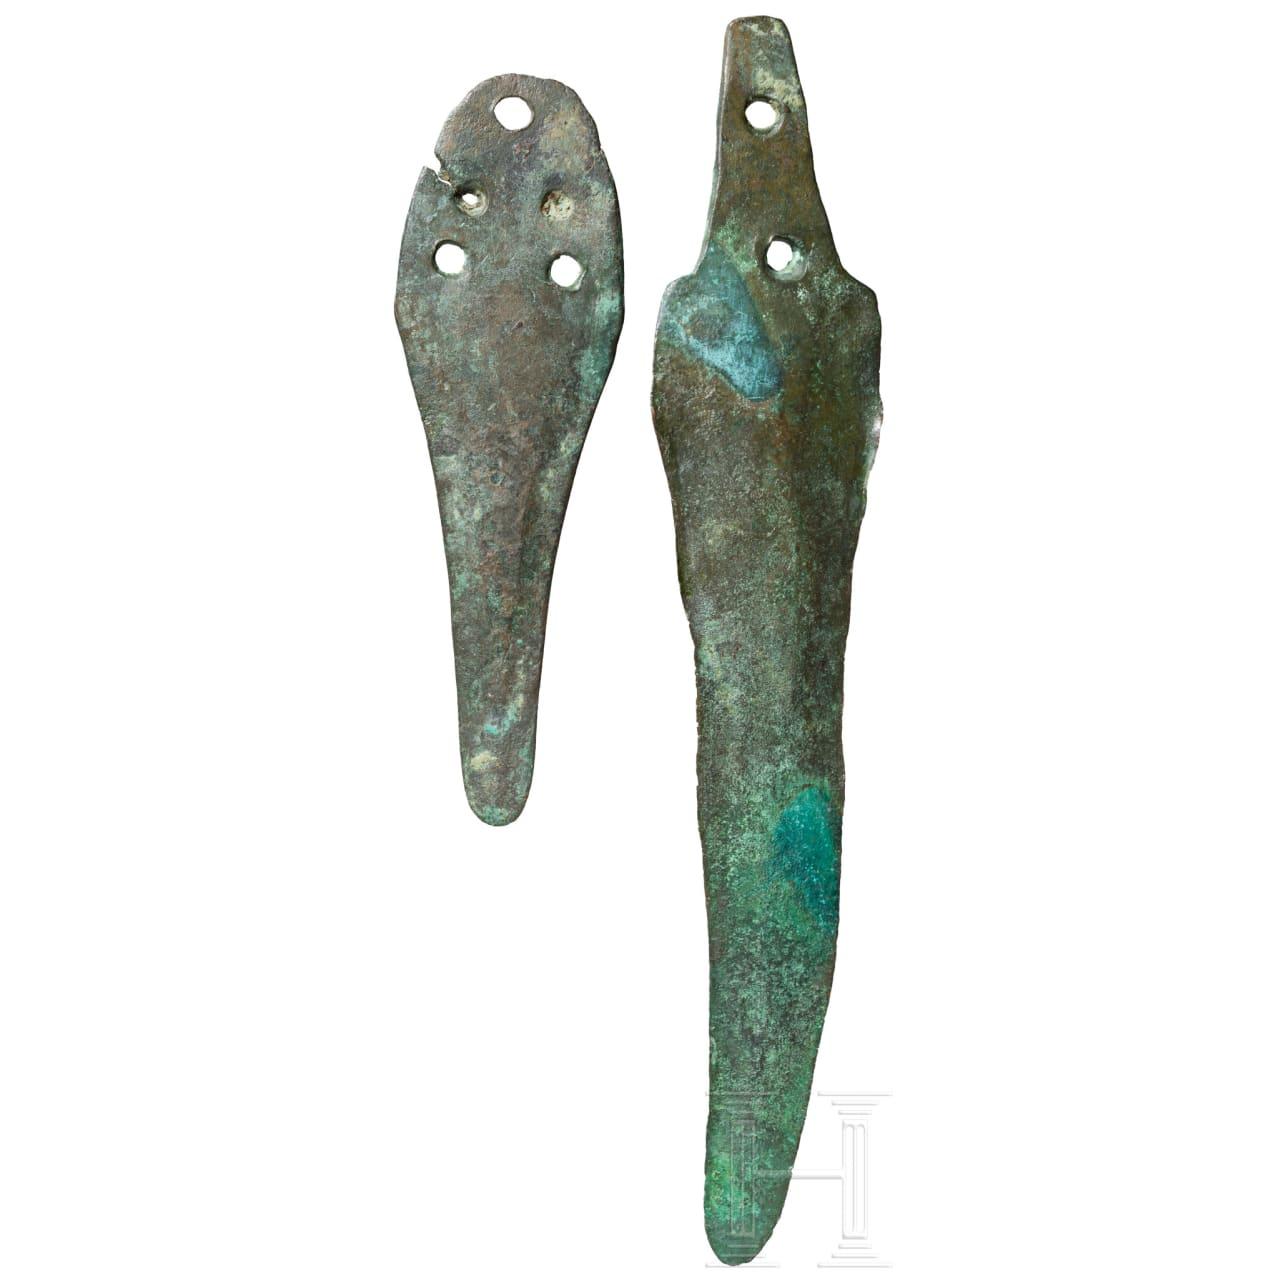 Zwei Bronzedolche, frühe Bronzezeit, 20. - 17. Jhdt. v. Chr.